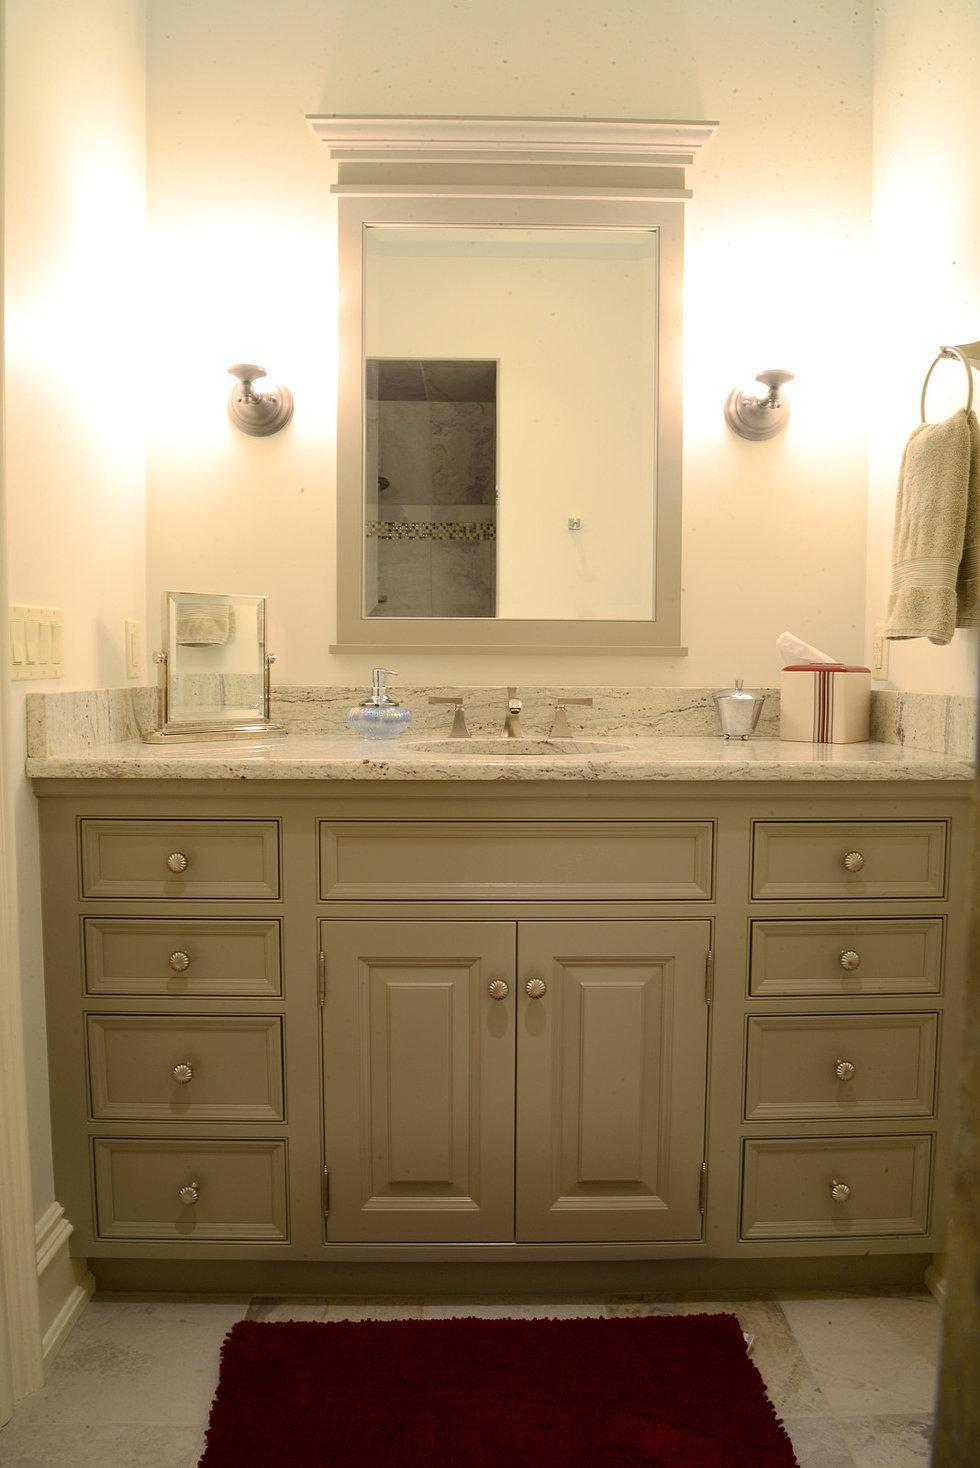 Stylecraft cabinets - Stylecraft Cabinets 1